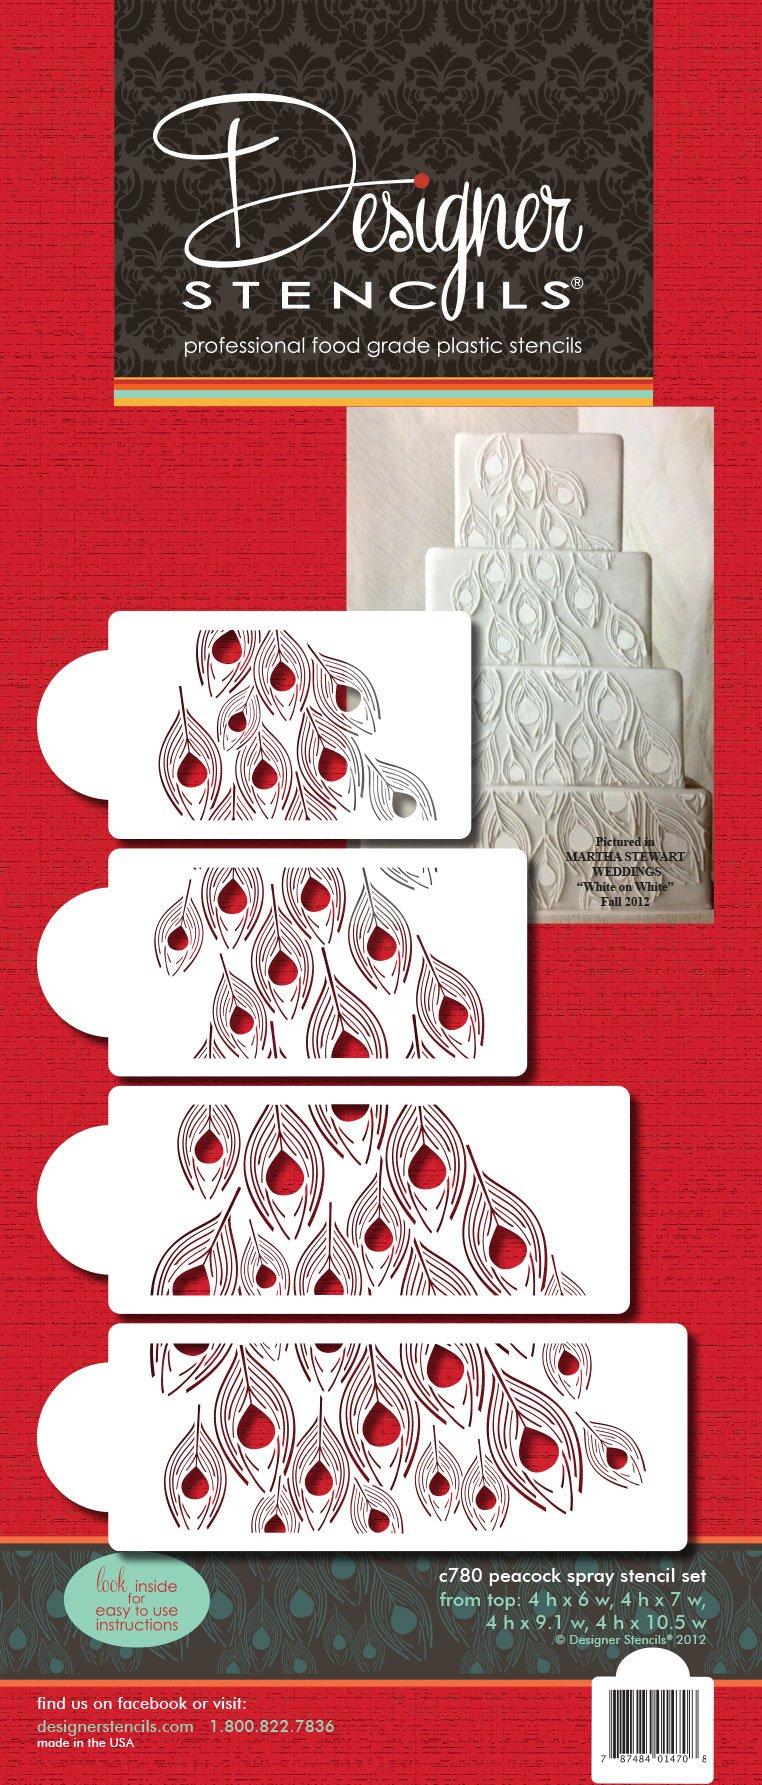 Designer Stencils C780 Peacock Spray Stencil Set, Beige/semi-transparent by Designer Stencils (Image #2)